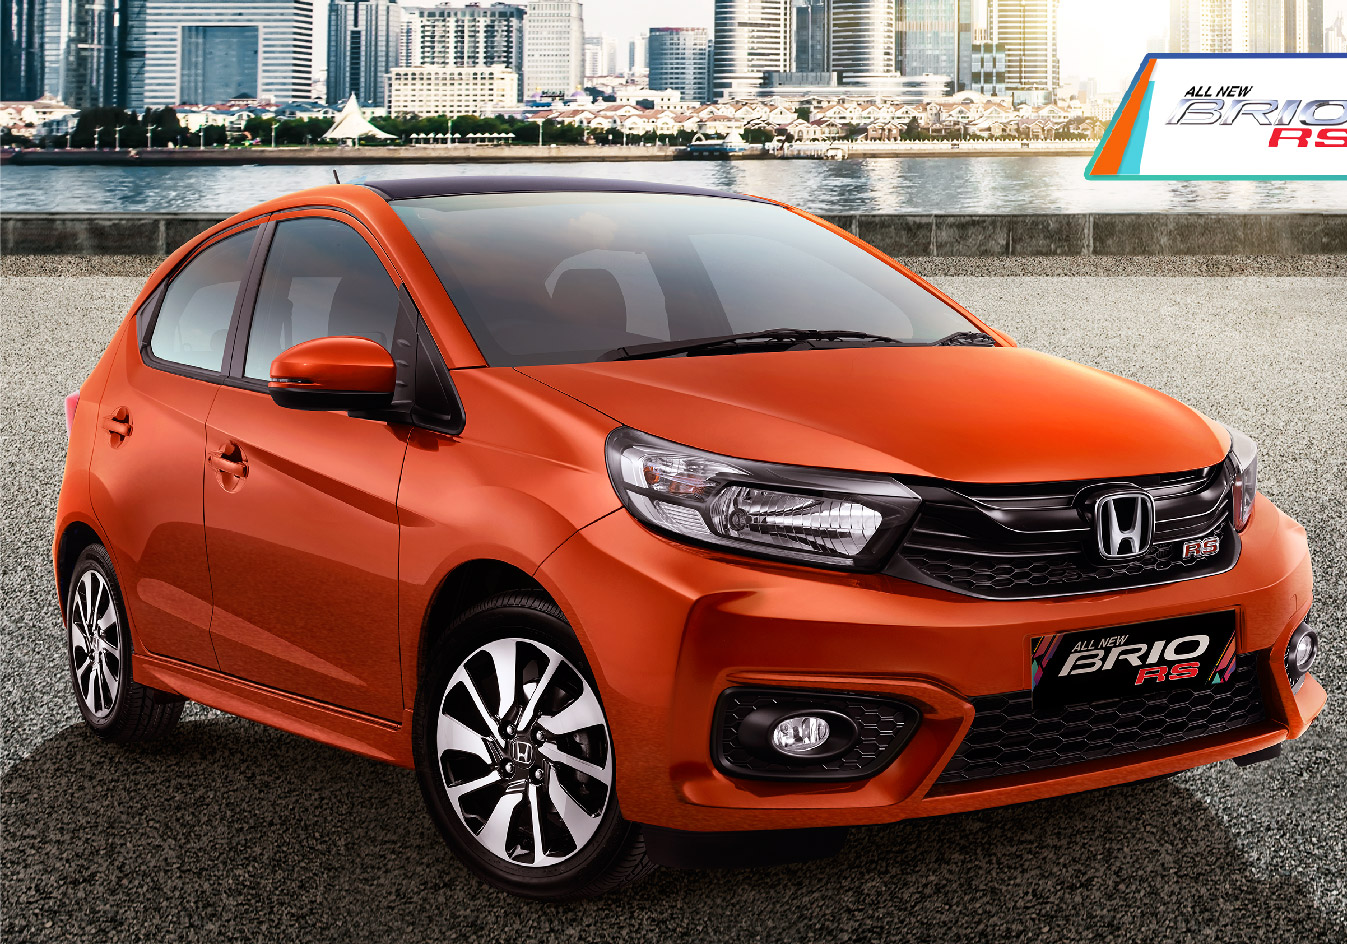 Kelebihan Kekurangan All New Honda Brio Spesifikasi